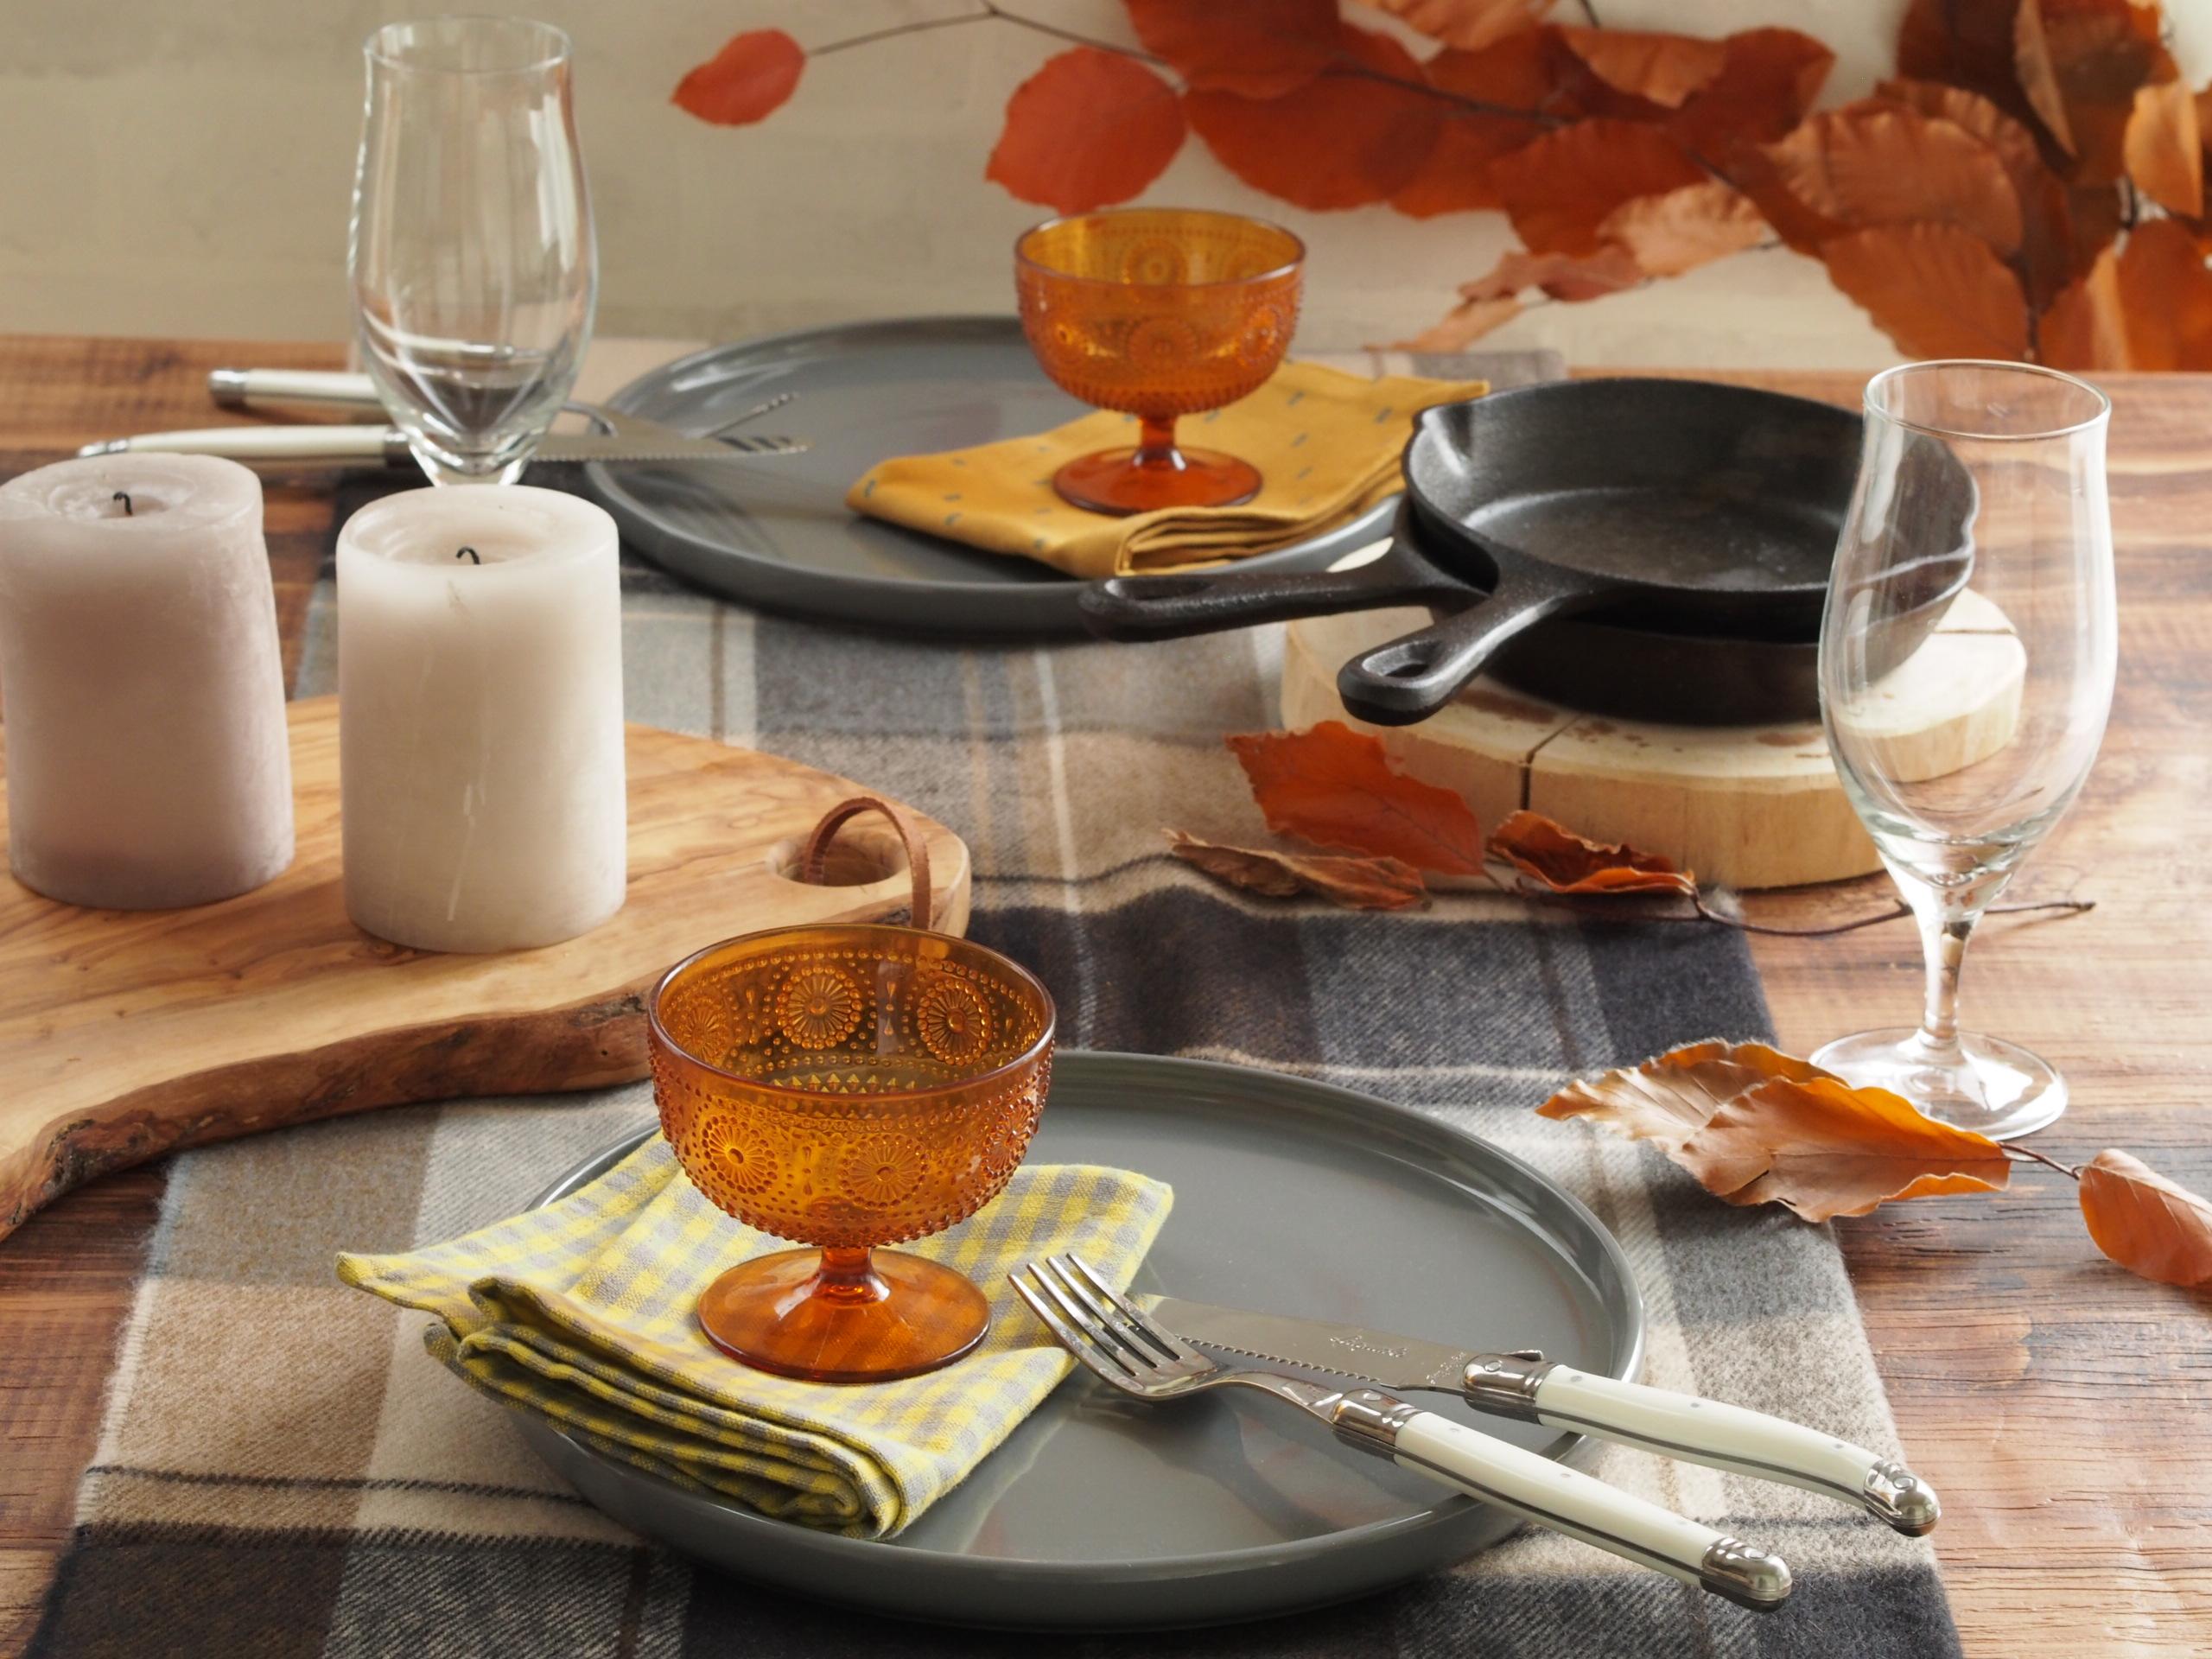 カジュアルでおしゃれな秋のテーブルコーディネート